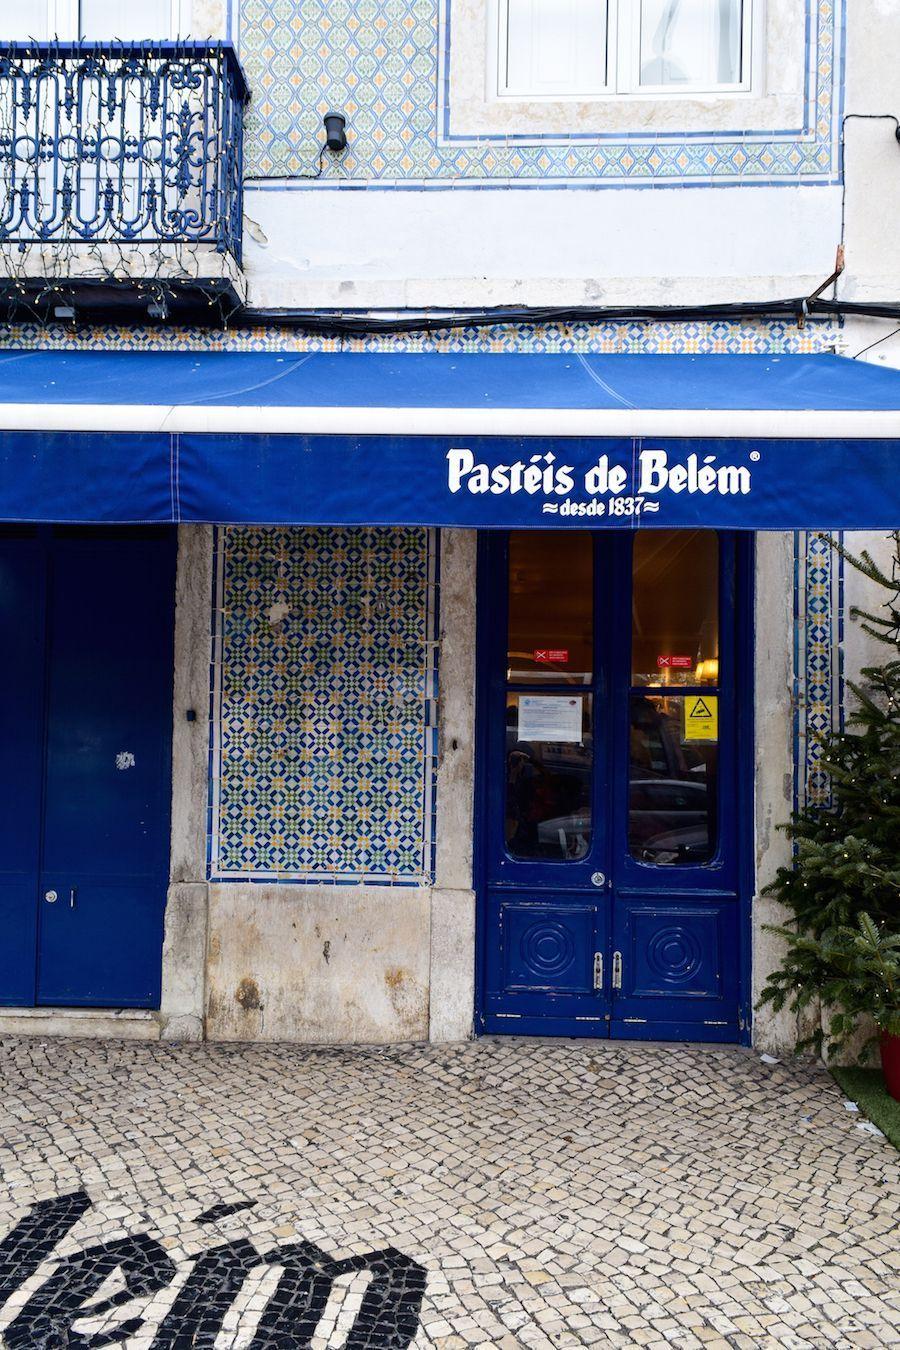 Pasteis de Belém Entrance, Lisbon, Portugal